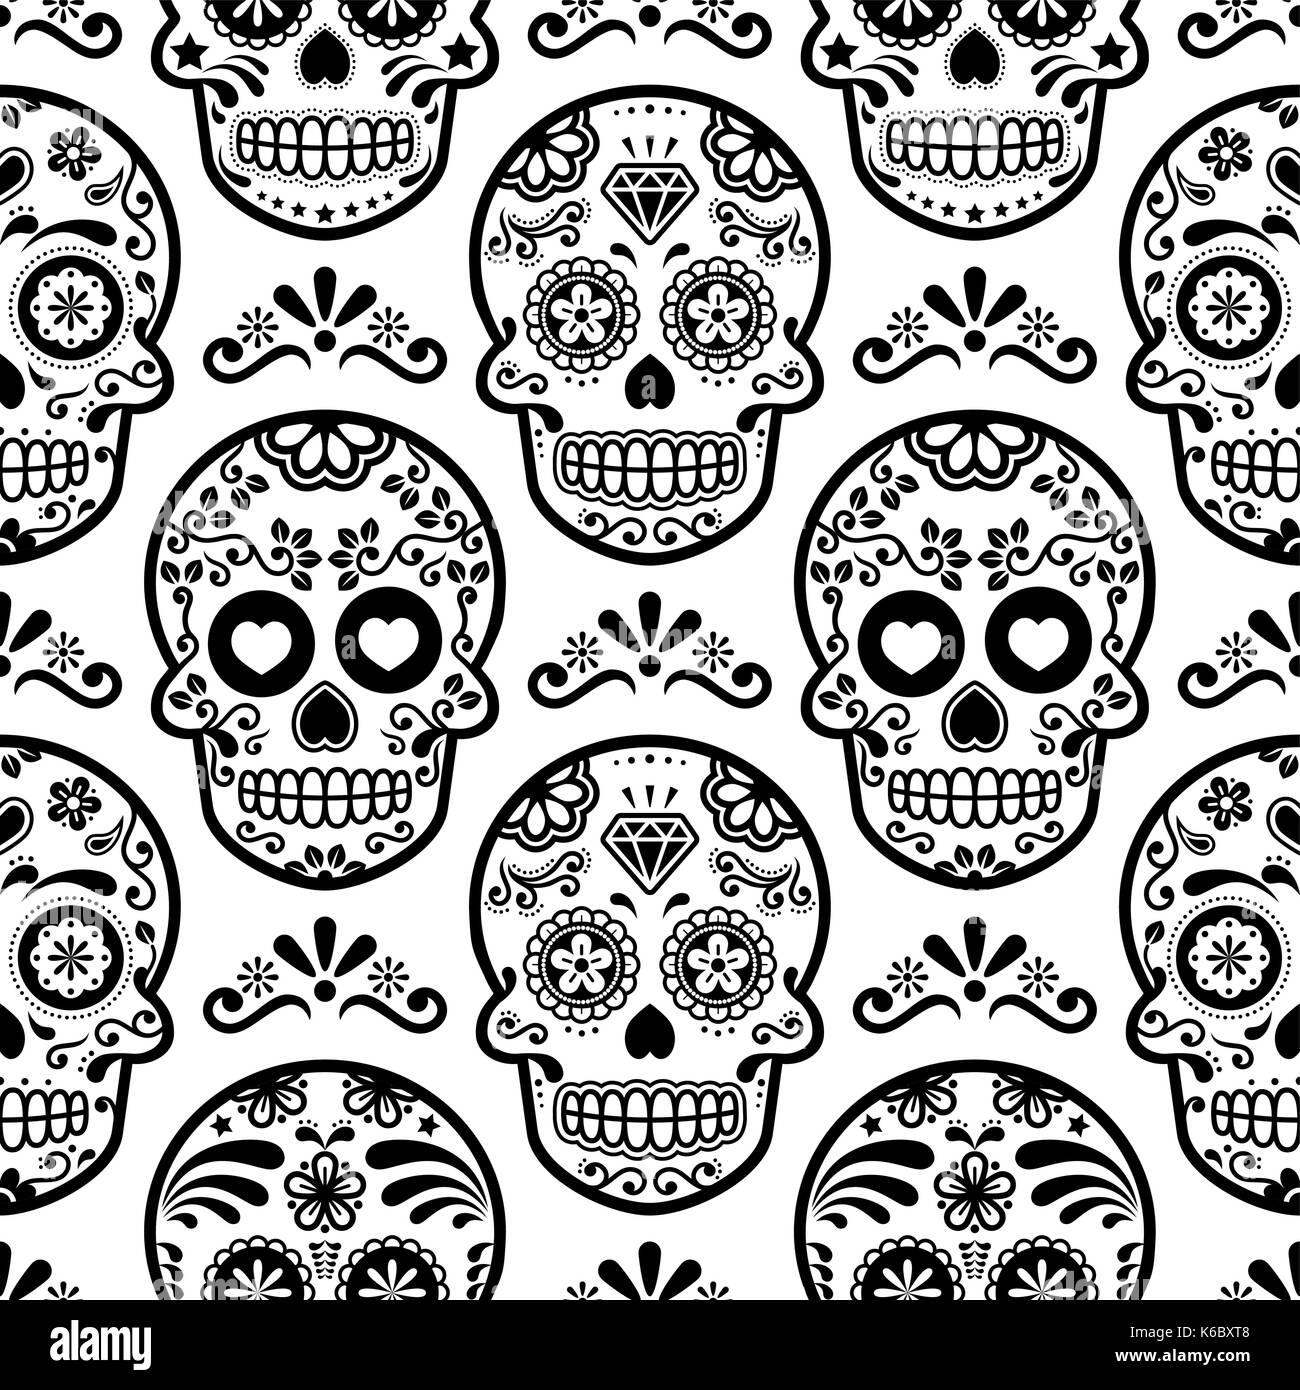 Mexican Head Ornament Imágenes De Stock & Mexican Head Ornament ...